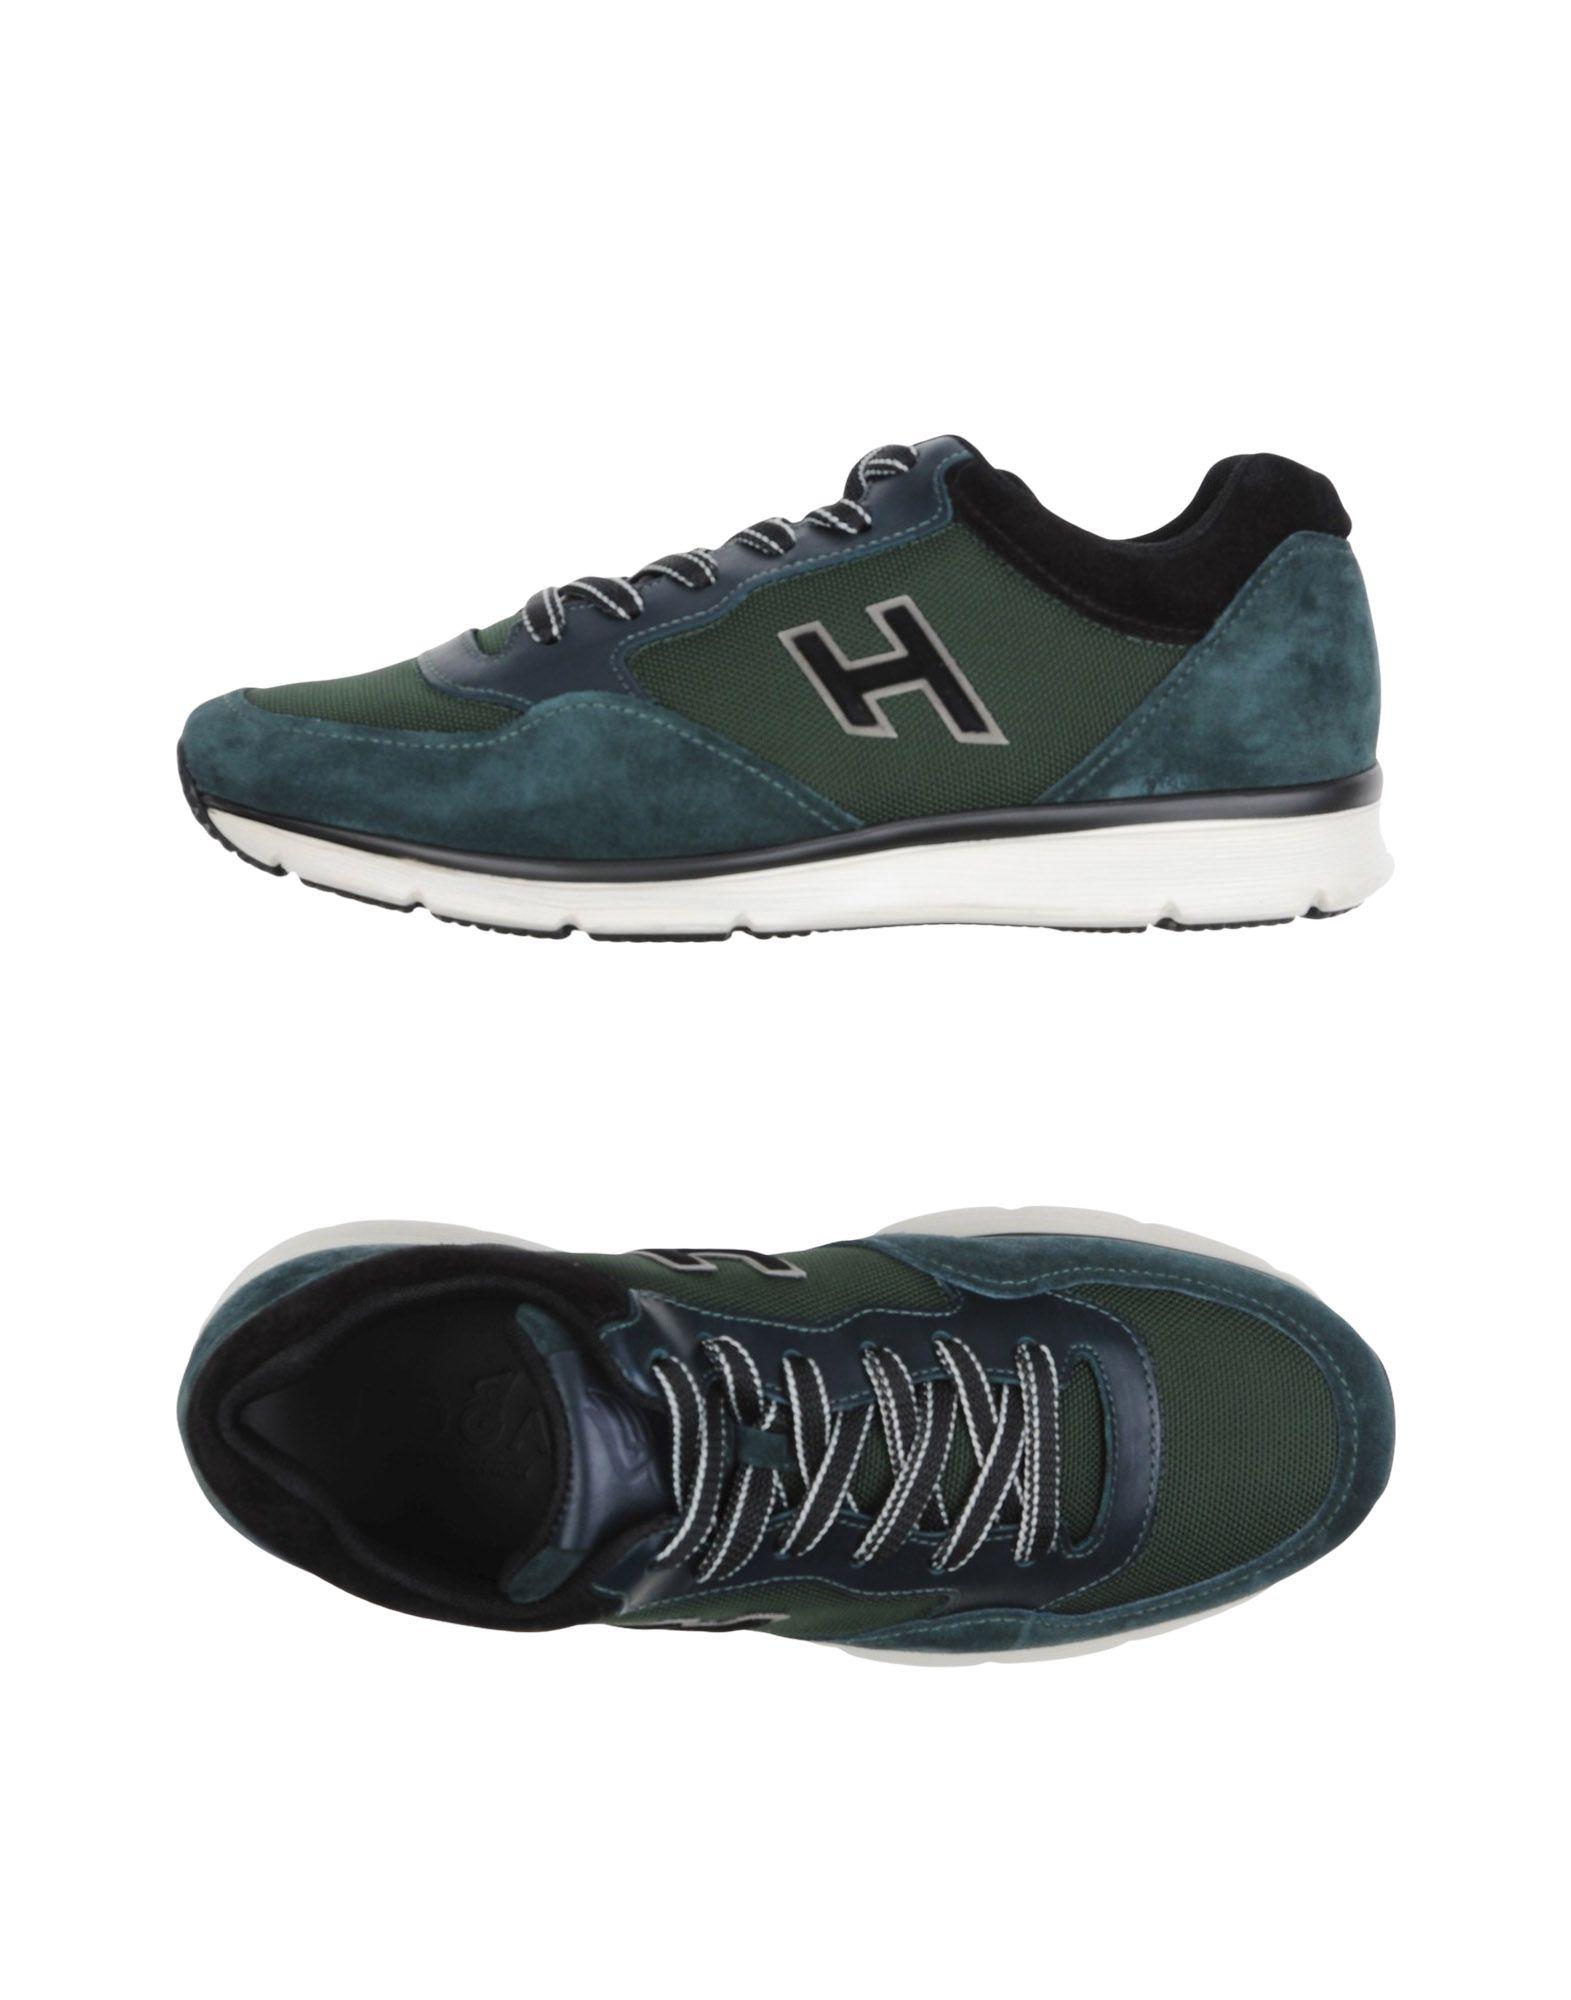 Moda Sneakers Sneakers Moda Hogan Uomo - 11296990EW 83632d